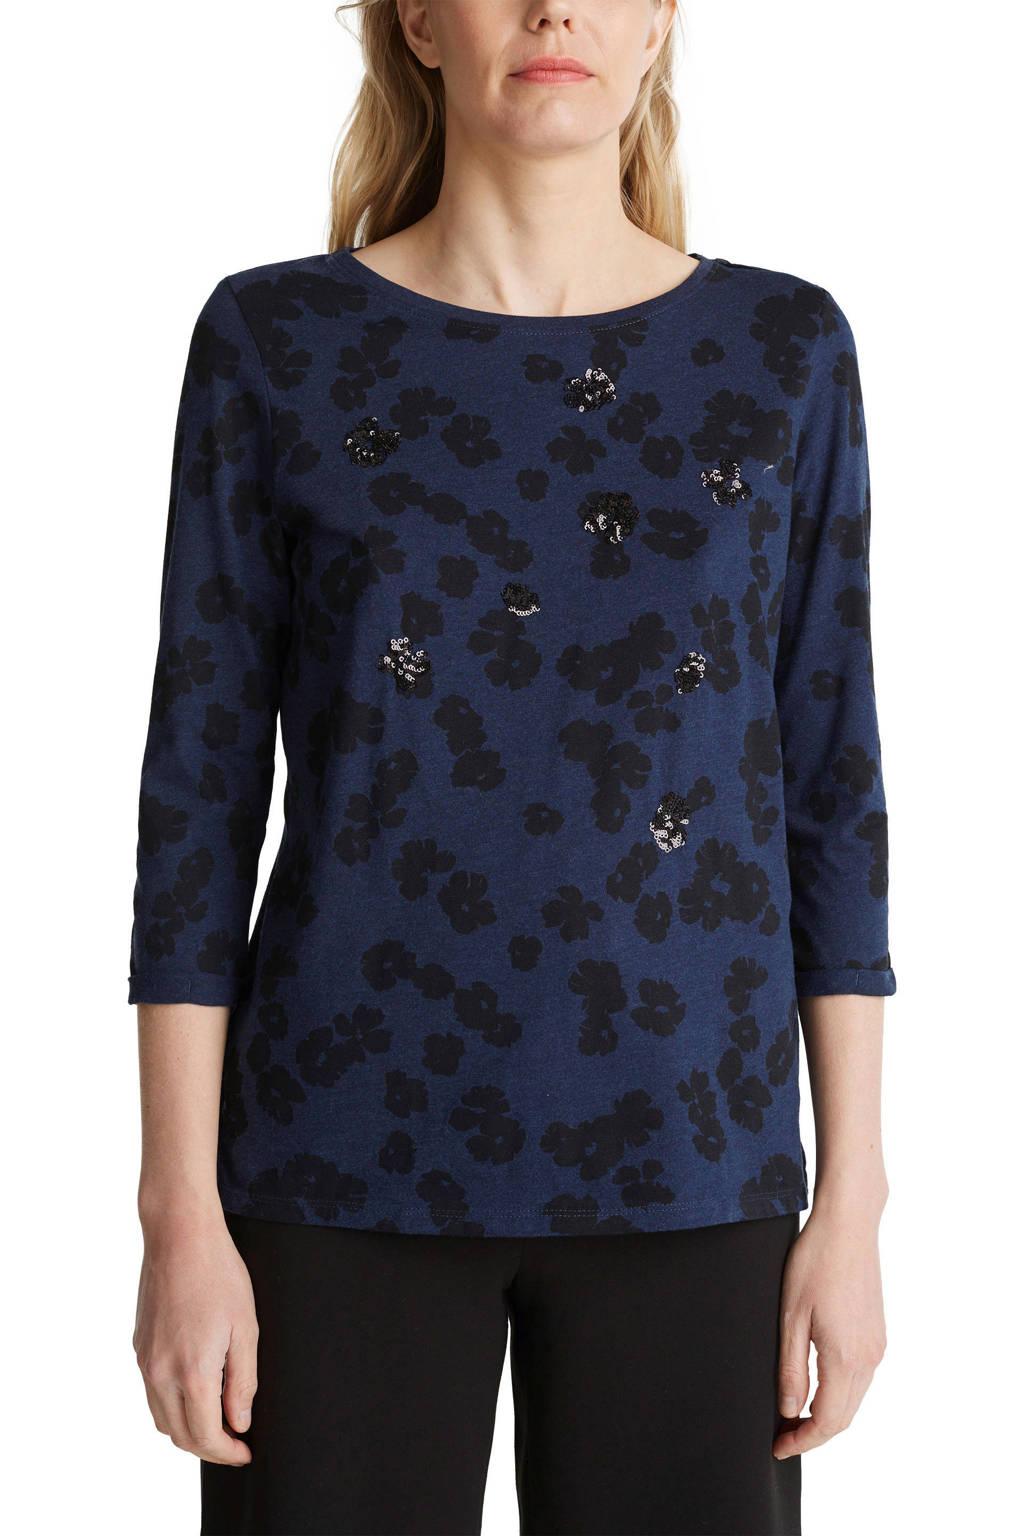 ESPRIT Women Casual top met biologisch katoen donkerblauw/zwart, Donkerblauw/zwart